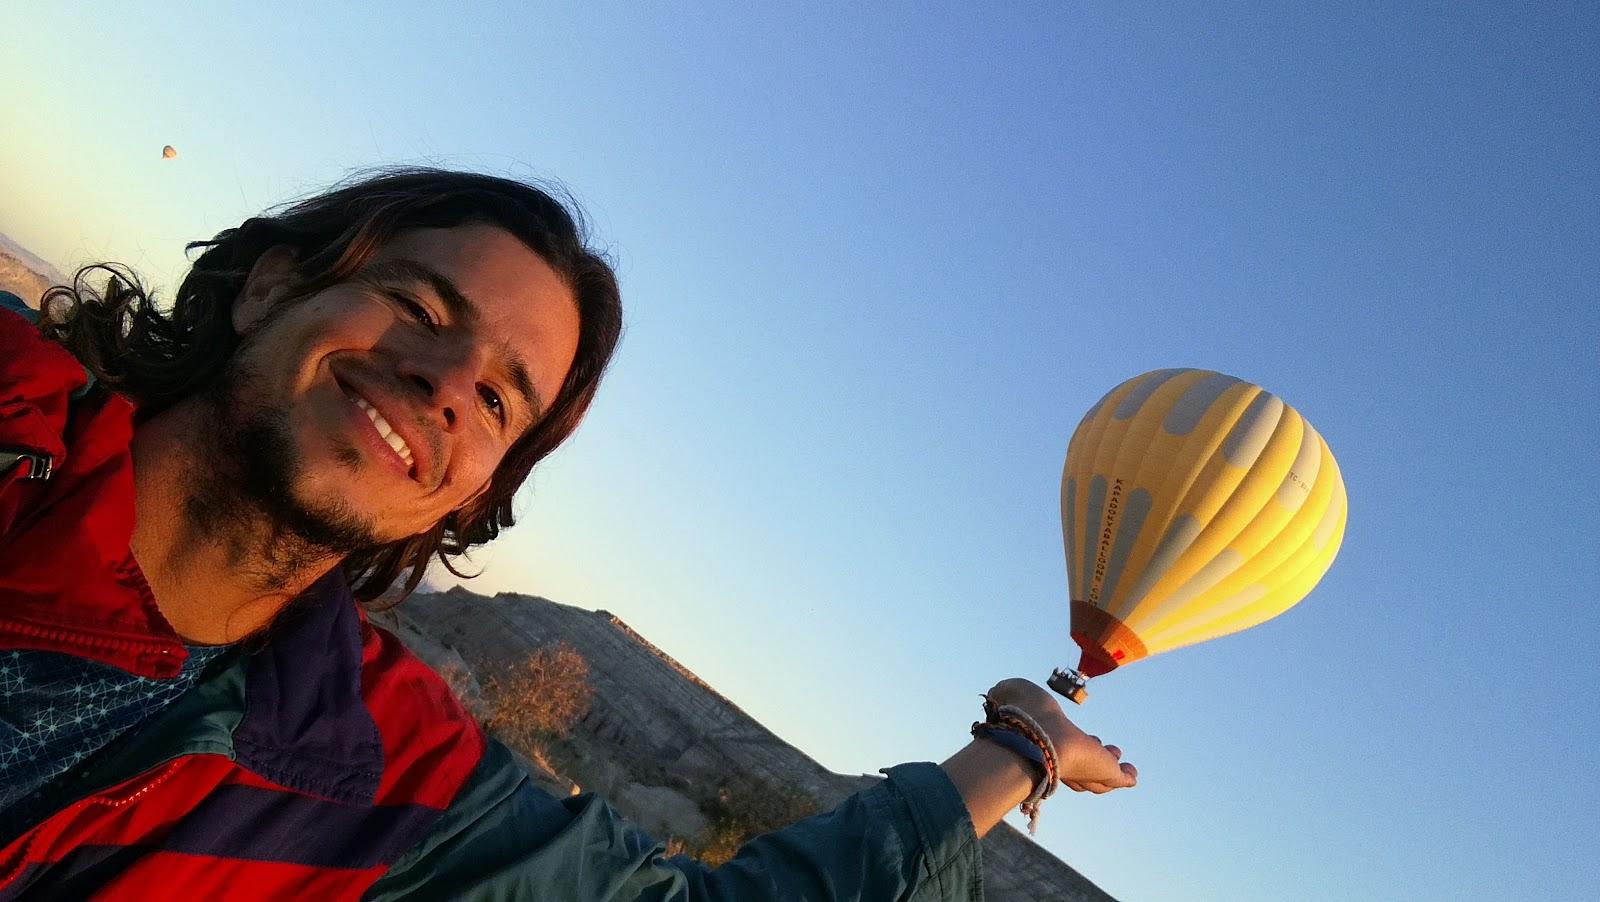 El amanecer con los globos despegando y decorando el entorno